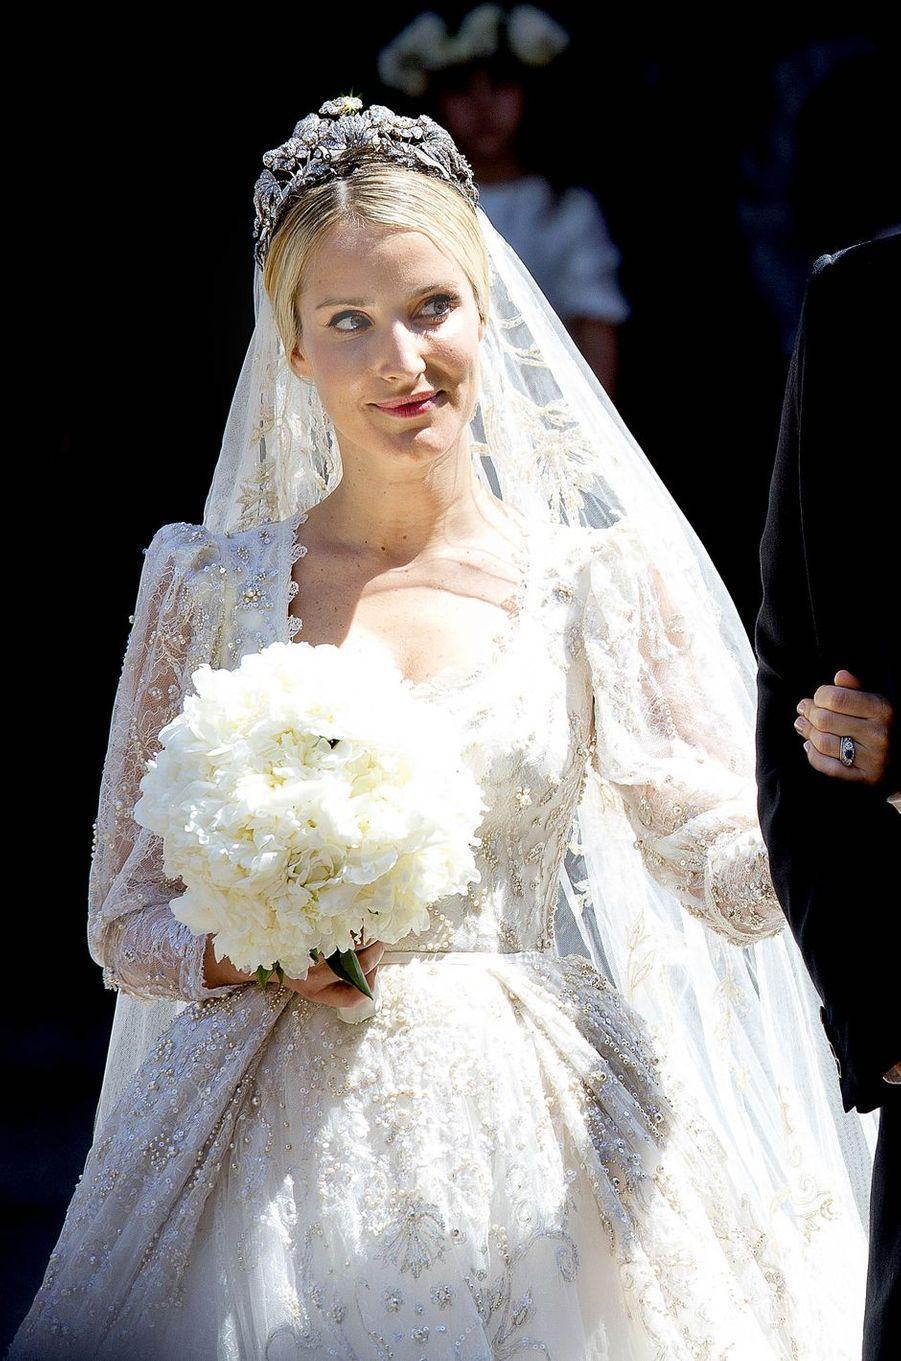 Ekaterina Malysheva porte le diadème floral de la maison de Hanovre pour son mariage avec le prince Ernst August junior, le 8 juillet 2017